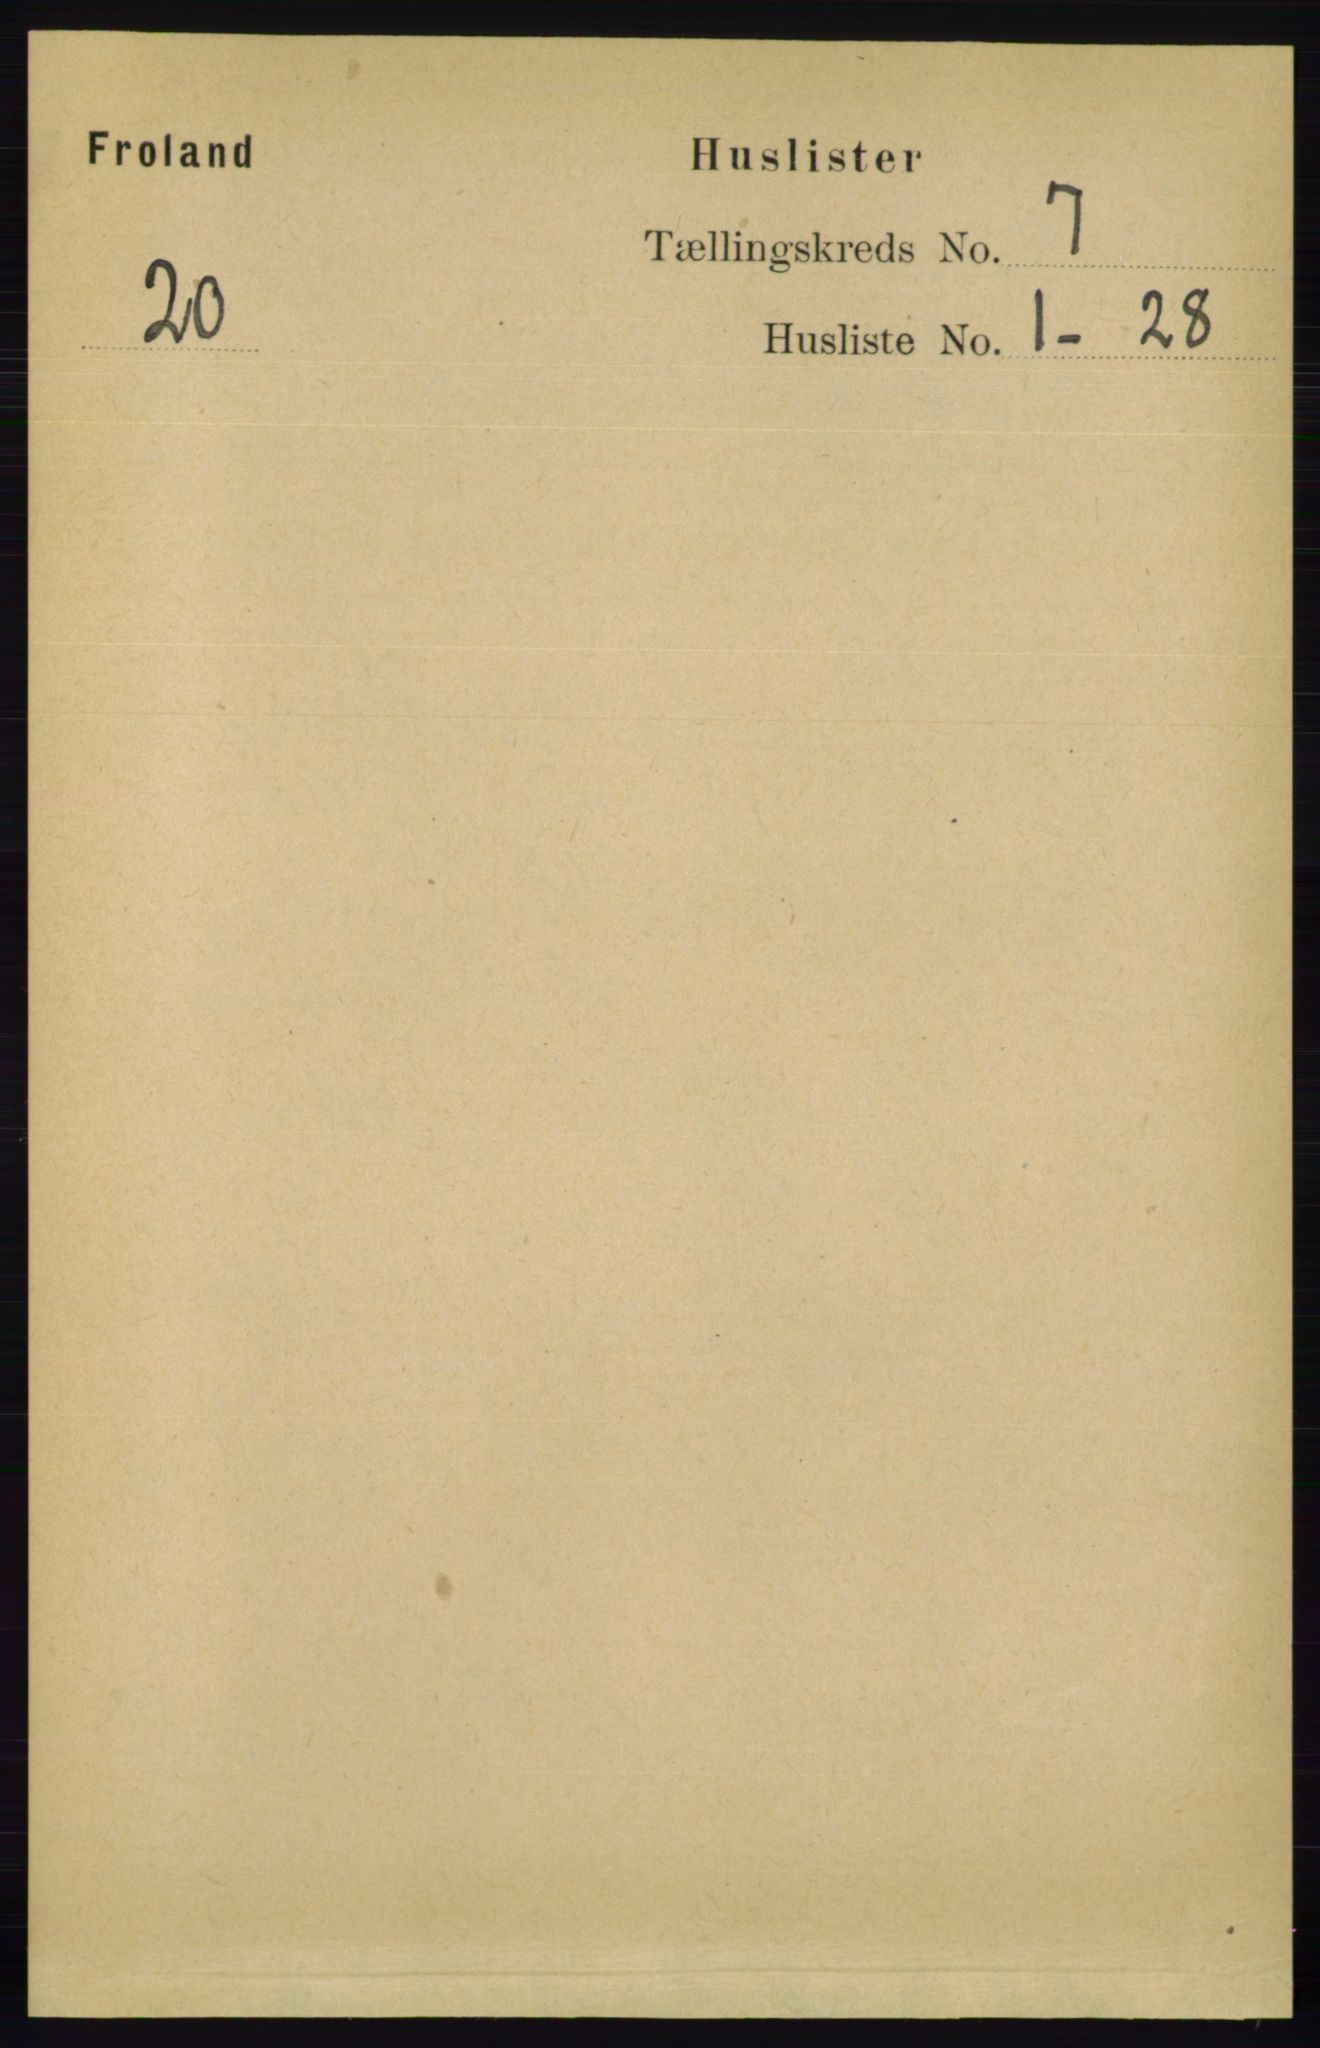 RA, Folketelling 1891 for 0919 Froland herred, 1891, s. 2624